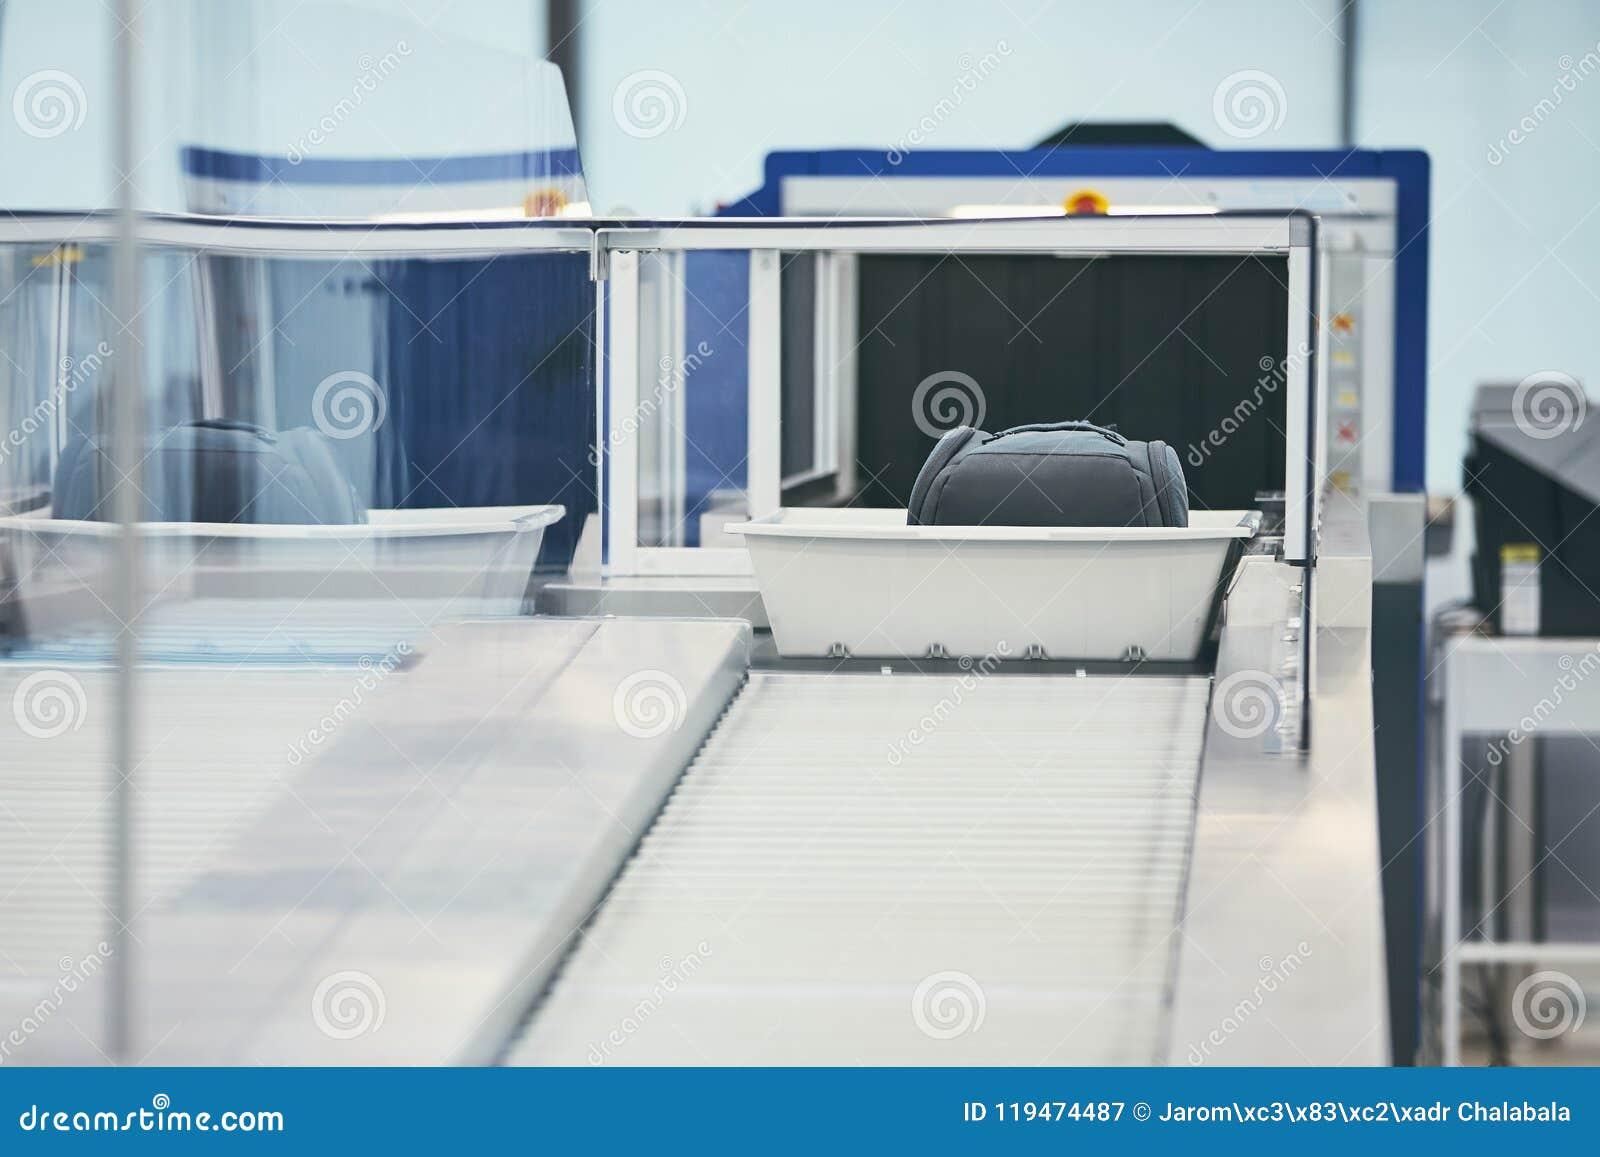 Проверка службы безопасности аэропорта